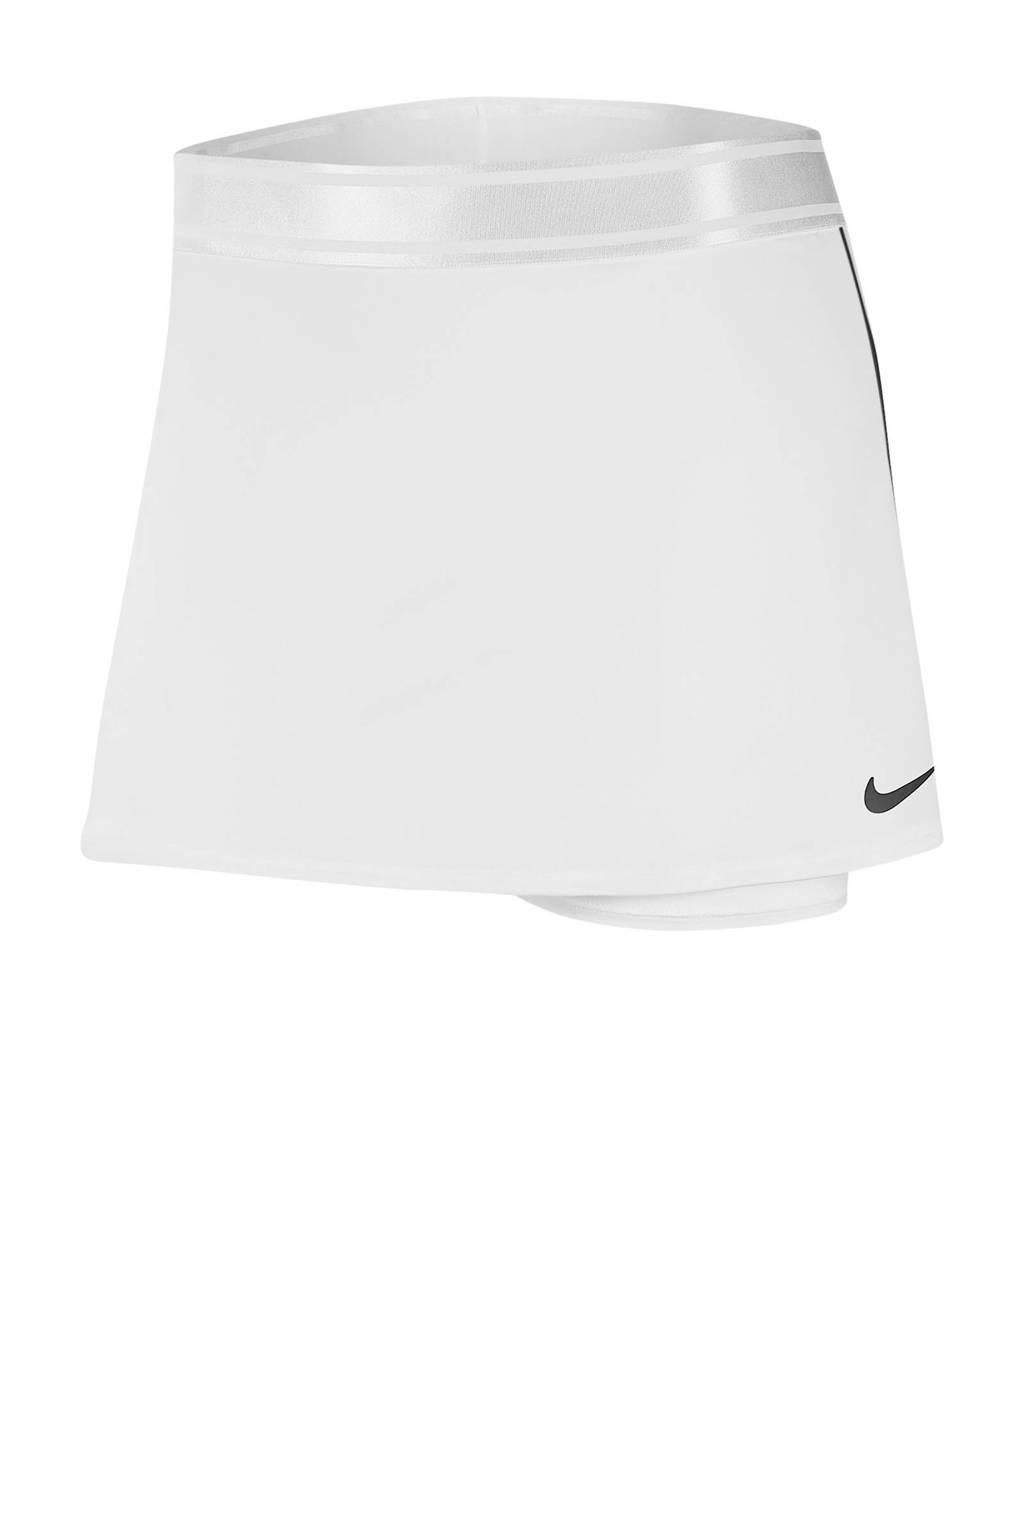 Nike sportrokje wit, Wit